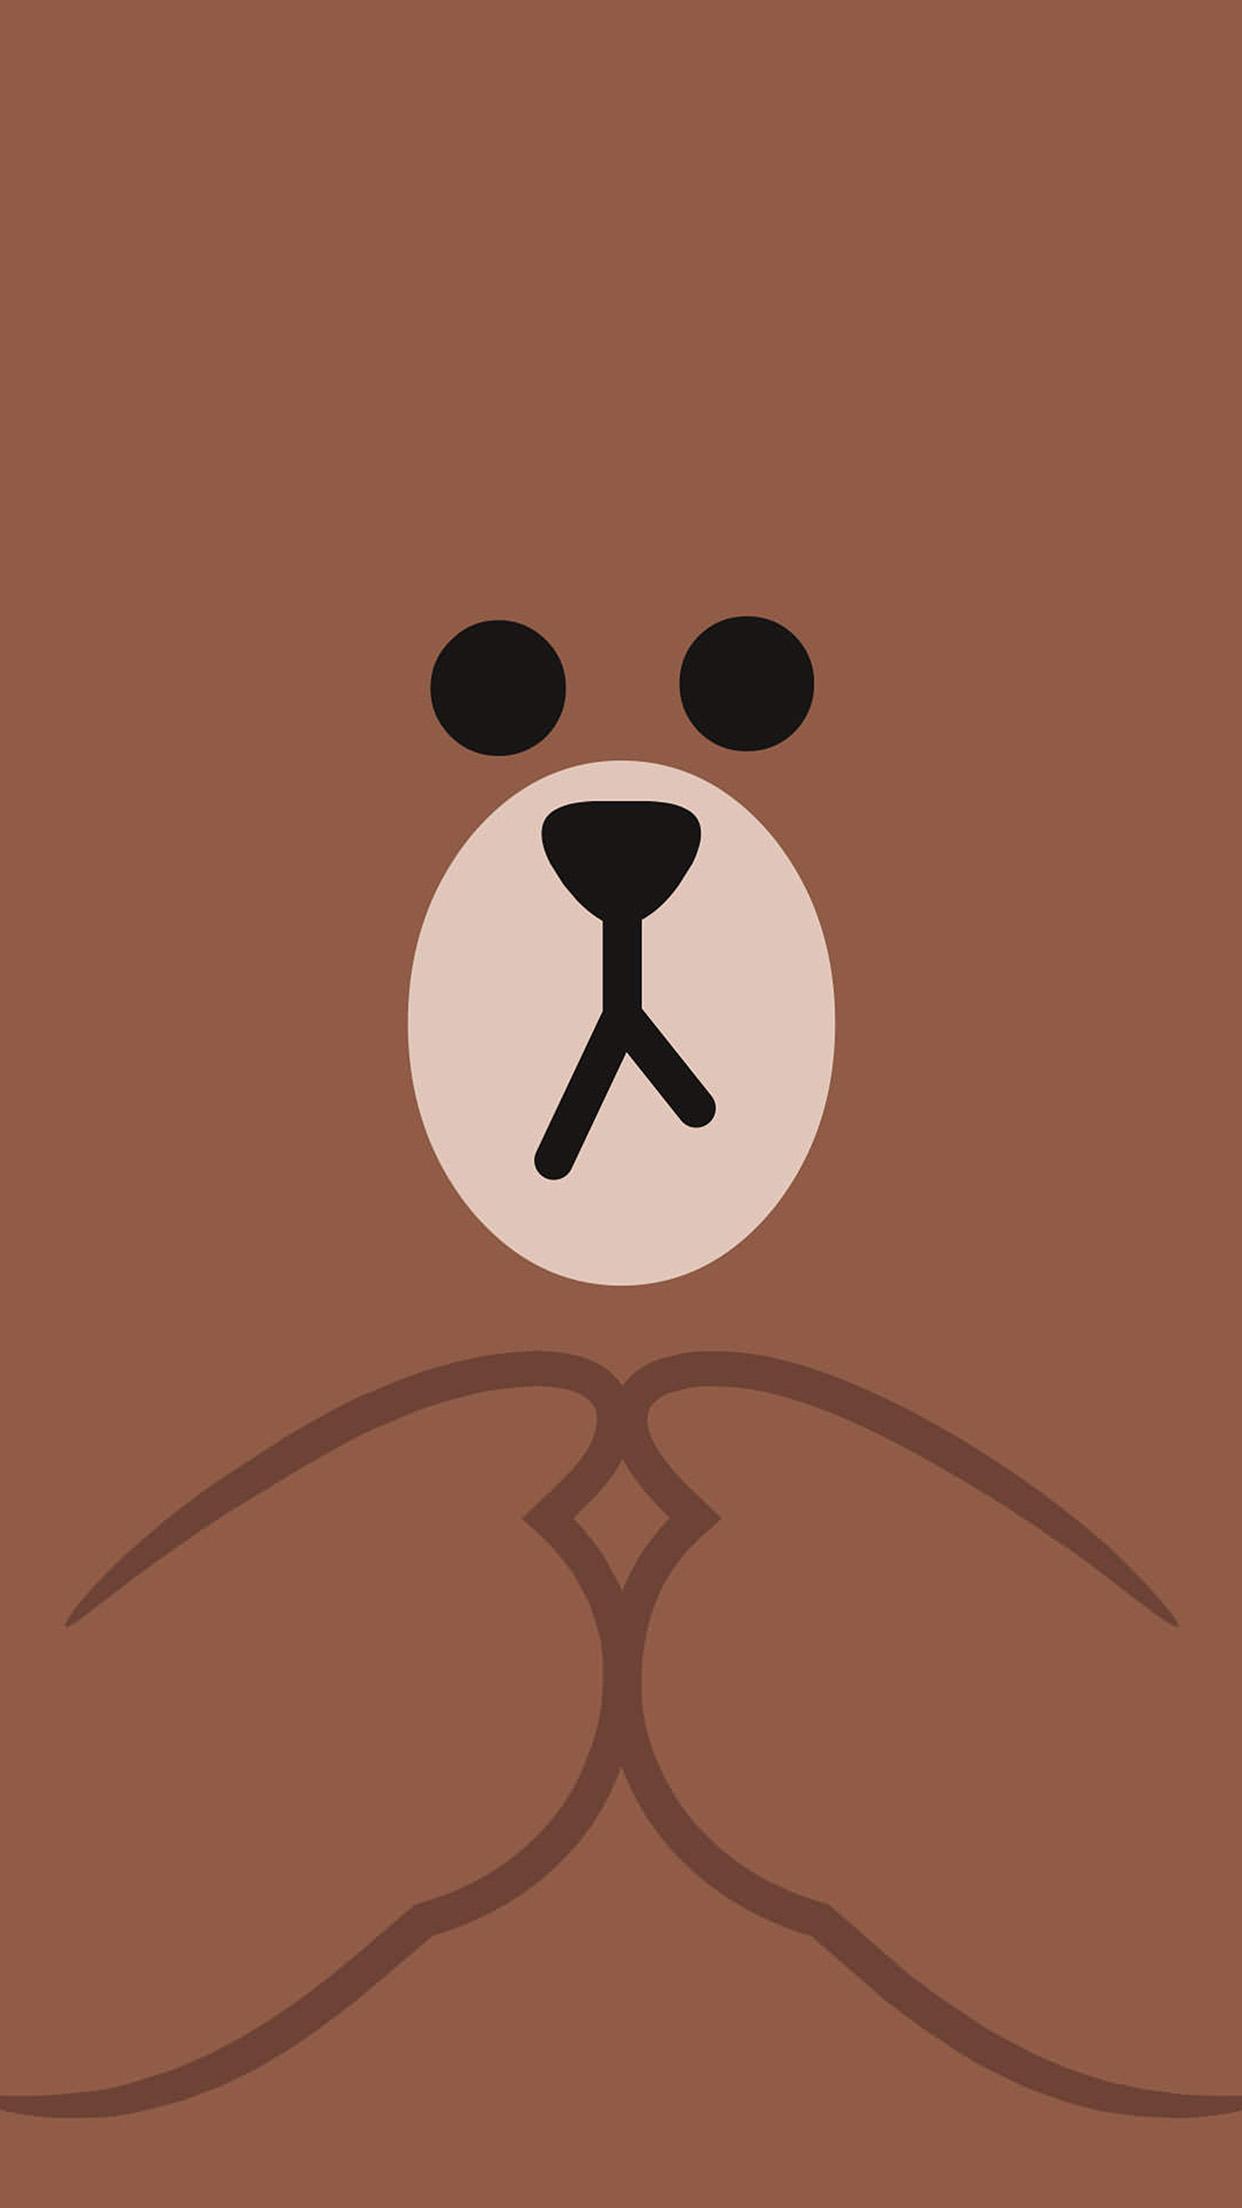 Paling Baru Cartoon Iphone Cartoon Cute Bear Wallpaper